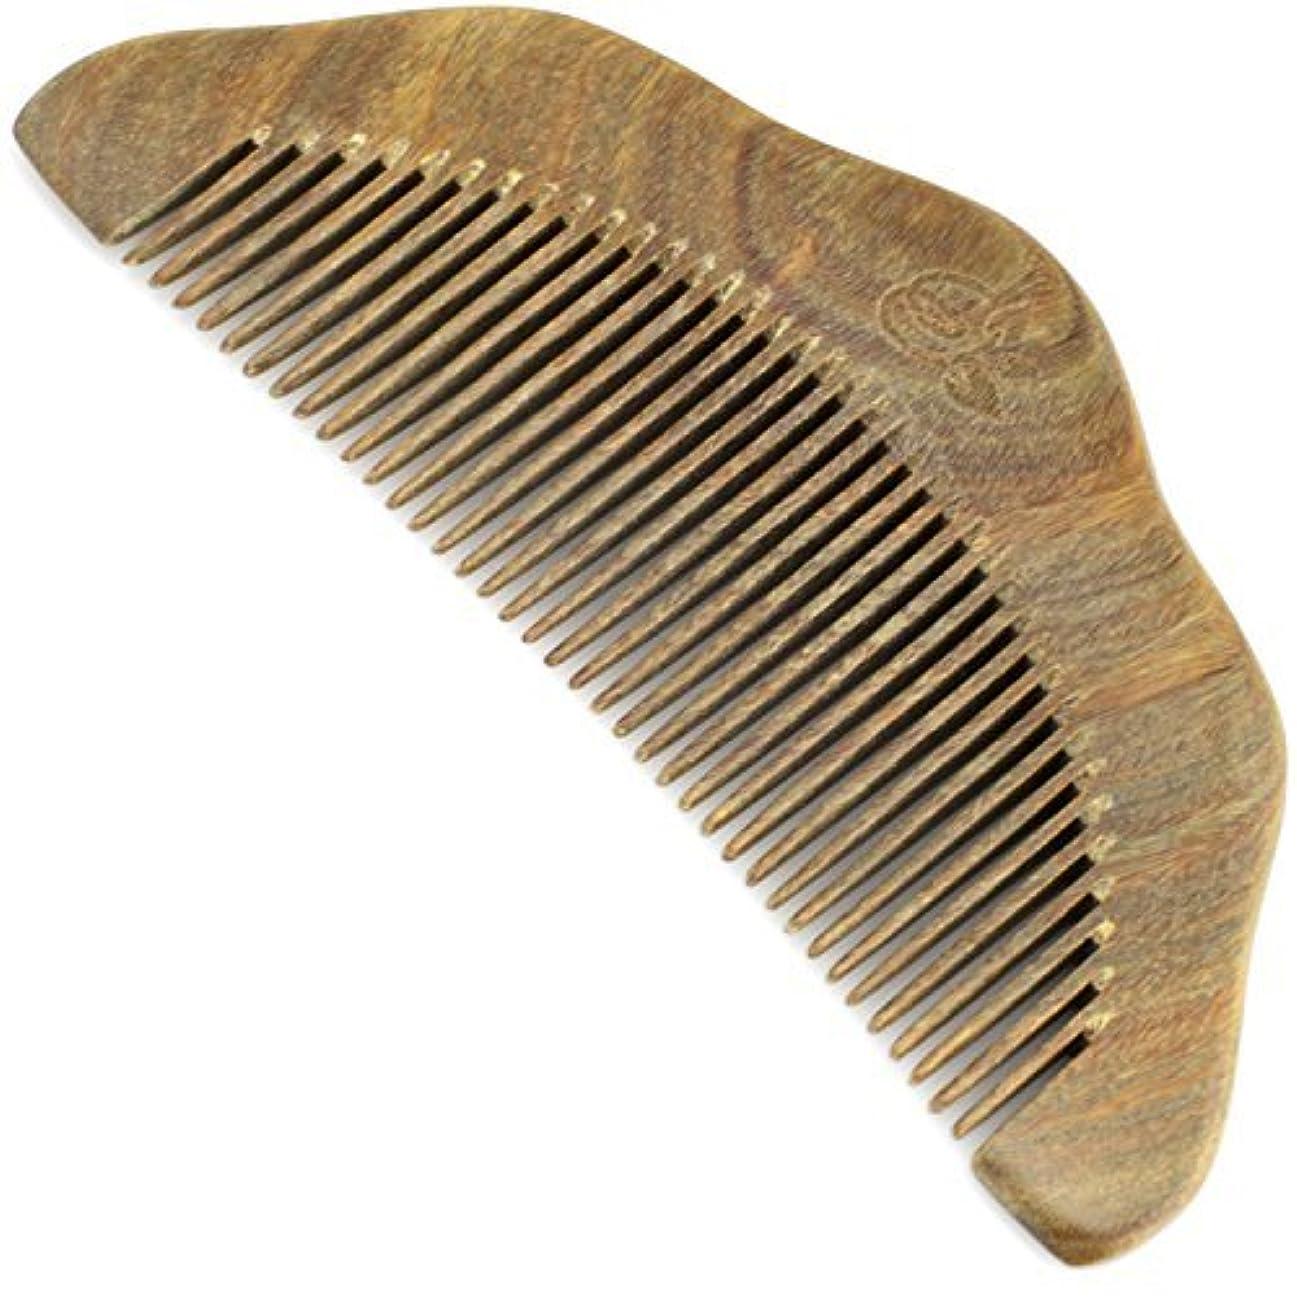 音楽を聴くたらいファイナンスEvolatree Wood Comb for Hair - Handmade Natural Wooden Combs with Anti-static & No Snag - Smoothing Vanity Comb...